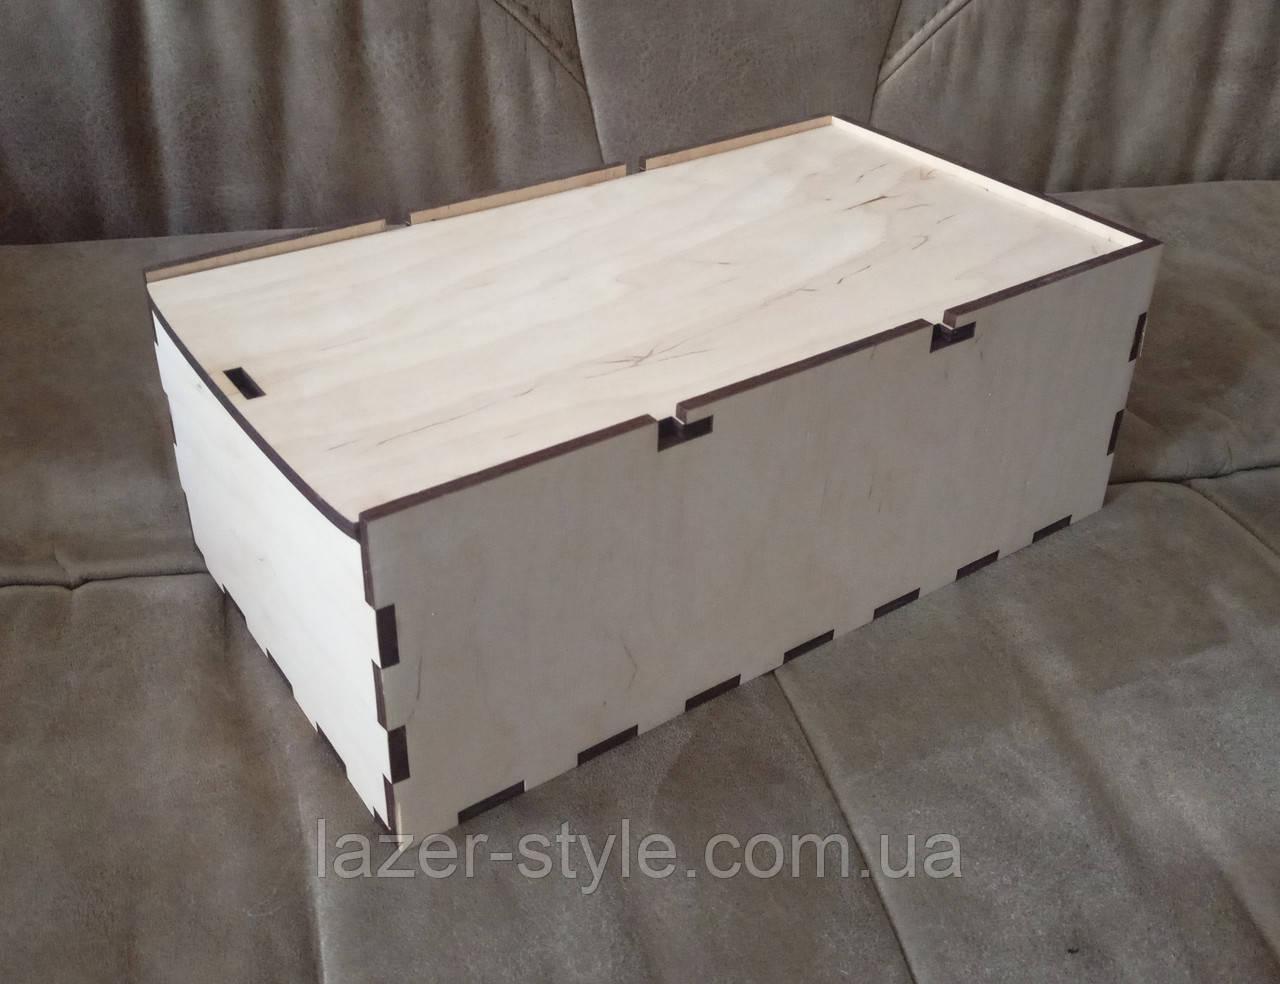 Коробка- пенал 320*180*120мм, фото 1